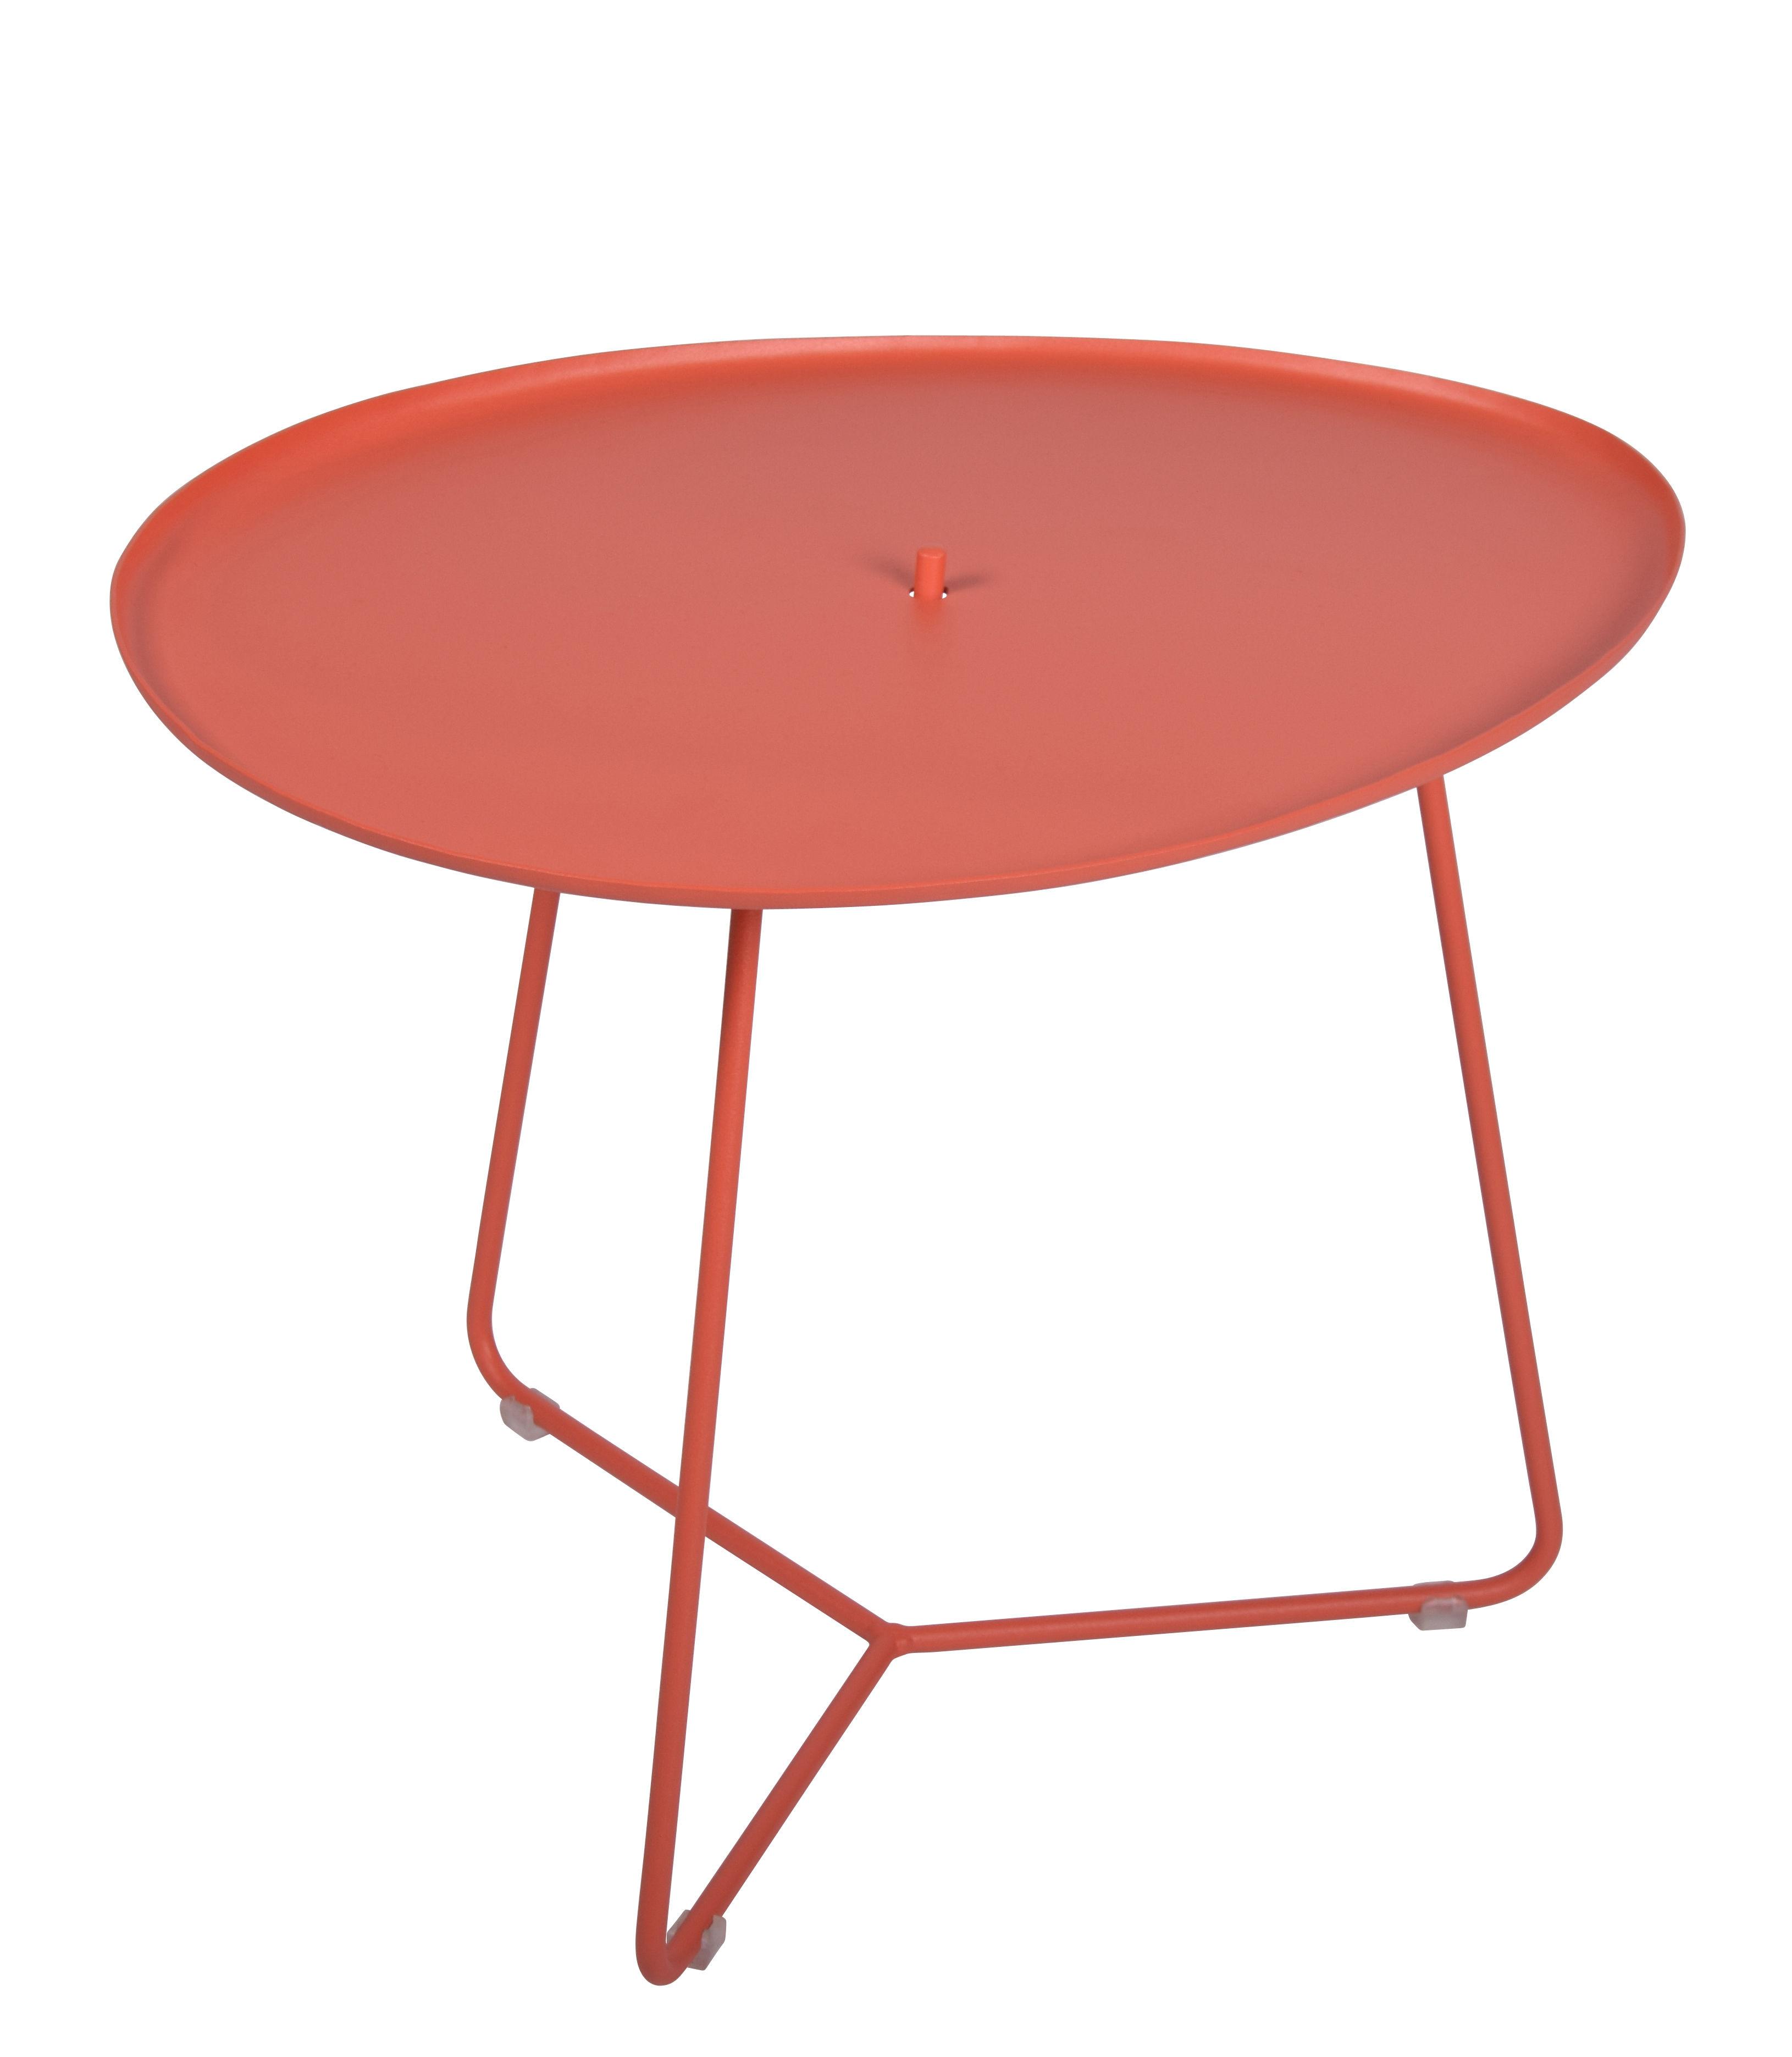 table basse cocotte l 55 x h 43 5 cm plateau amovible capucine fermob. Black Bedroom Furniture Sets. Home Design Ideas